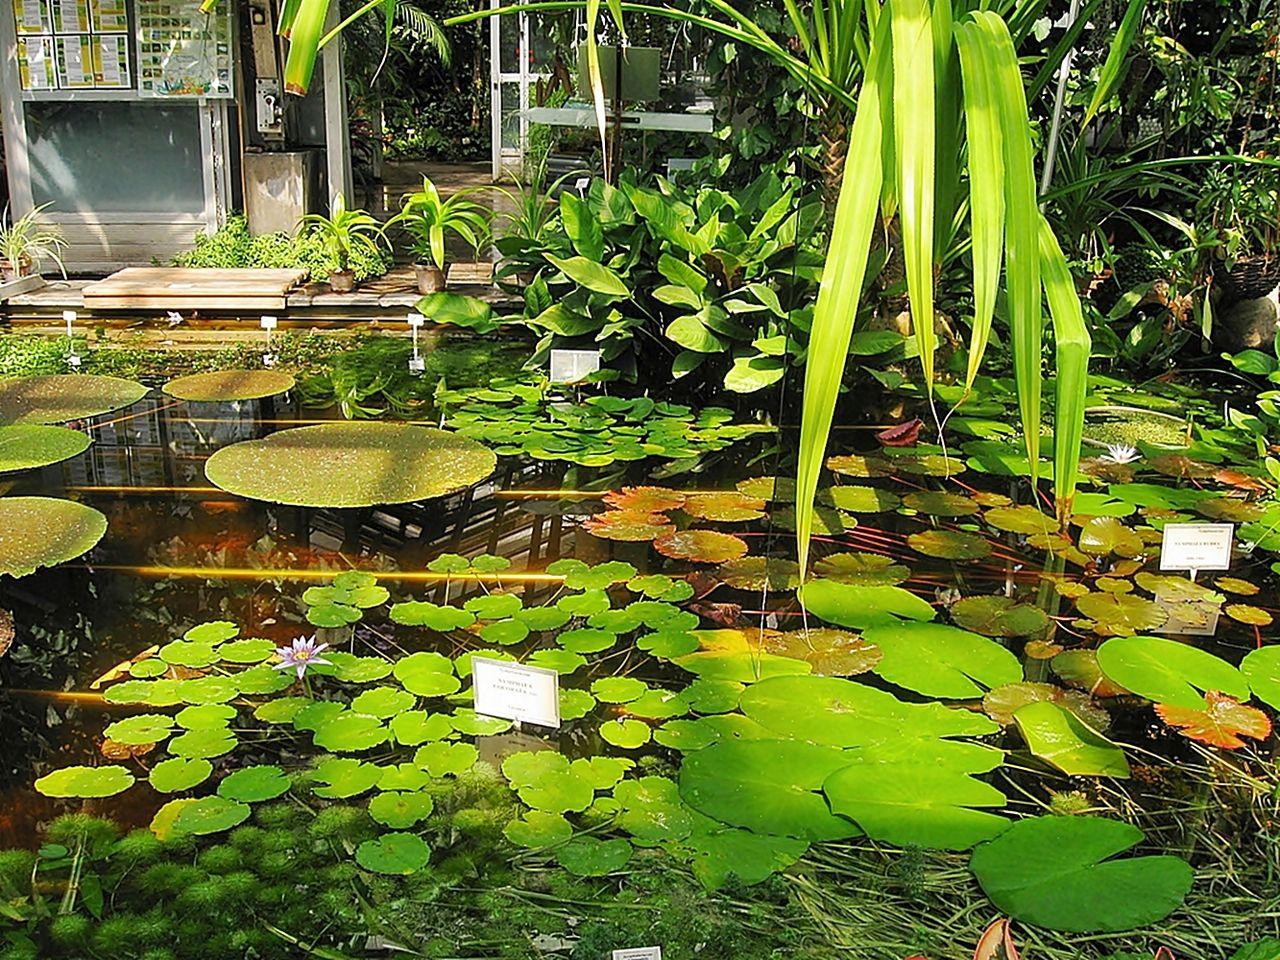 Ogród botaniczny/Magdalia25/Wikimedia